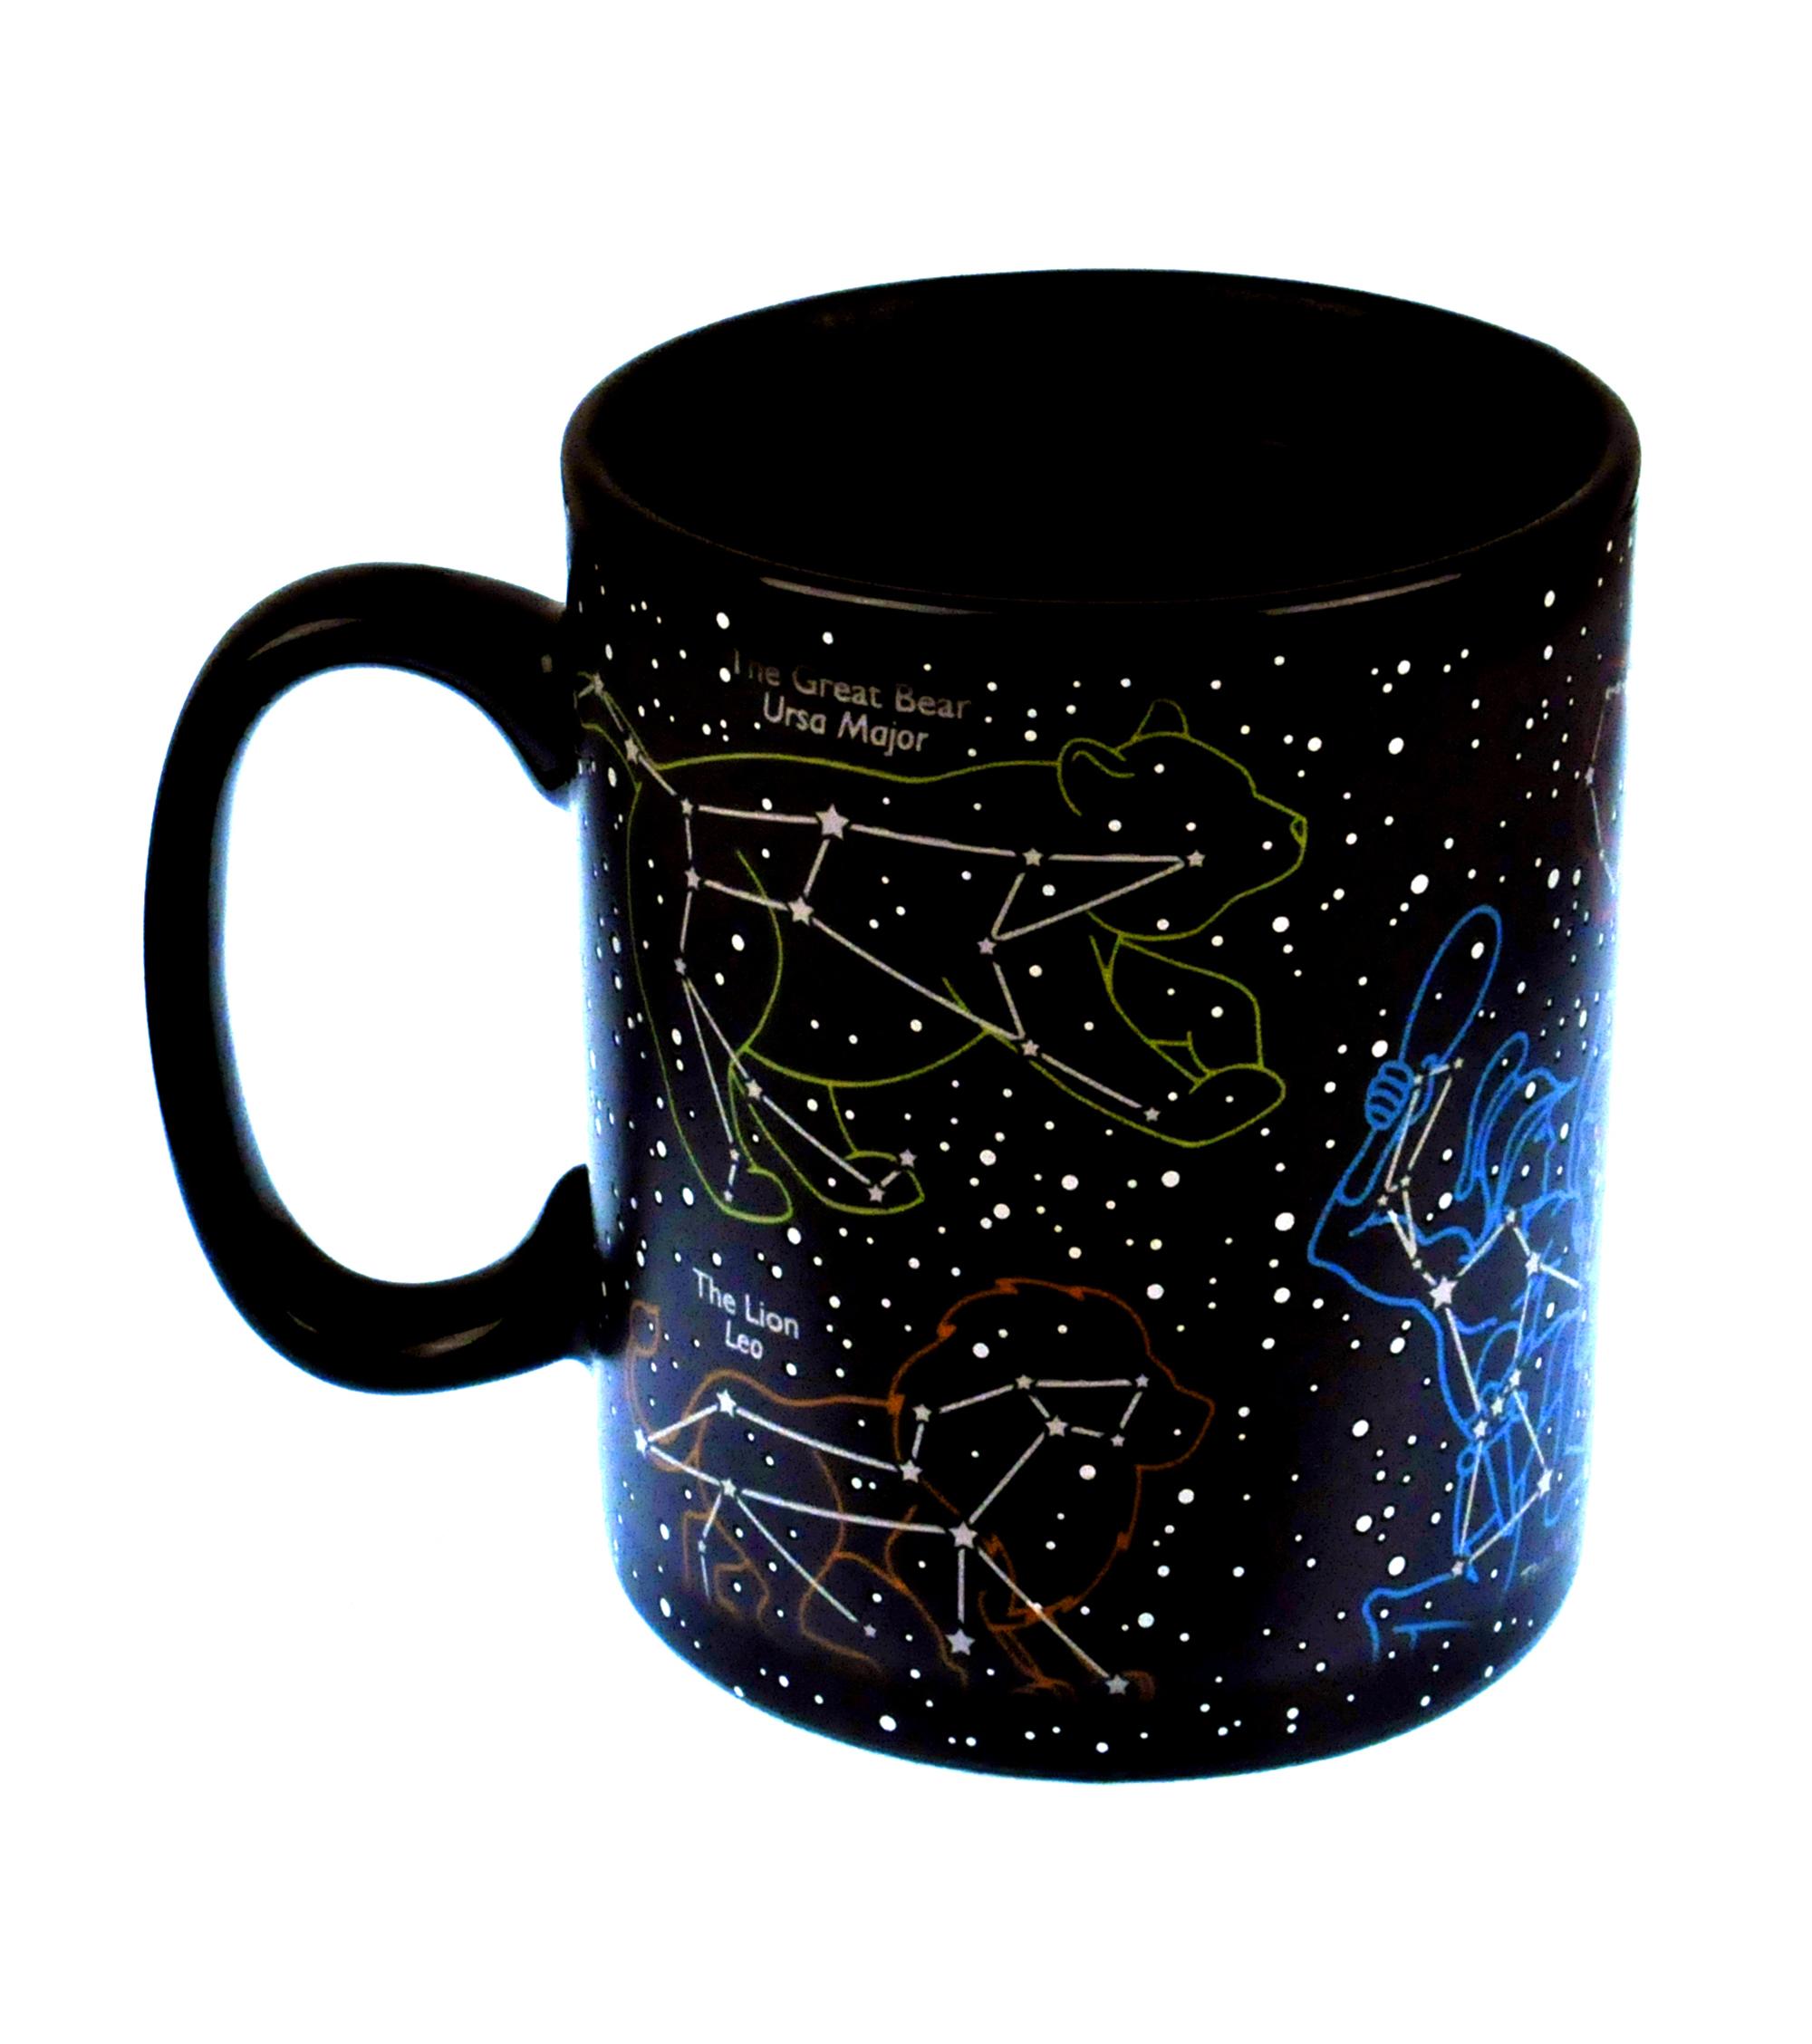 the star mug stars at night sky heat change mug pink cat shop. Black Bedroom Furniture Sets. Home Design Ideas